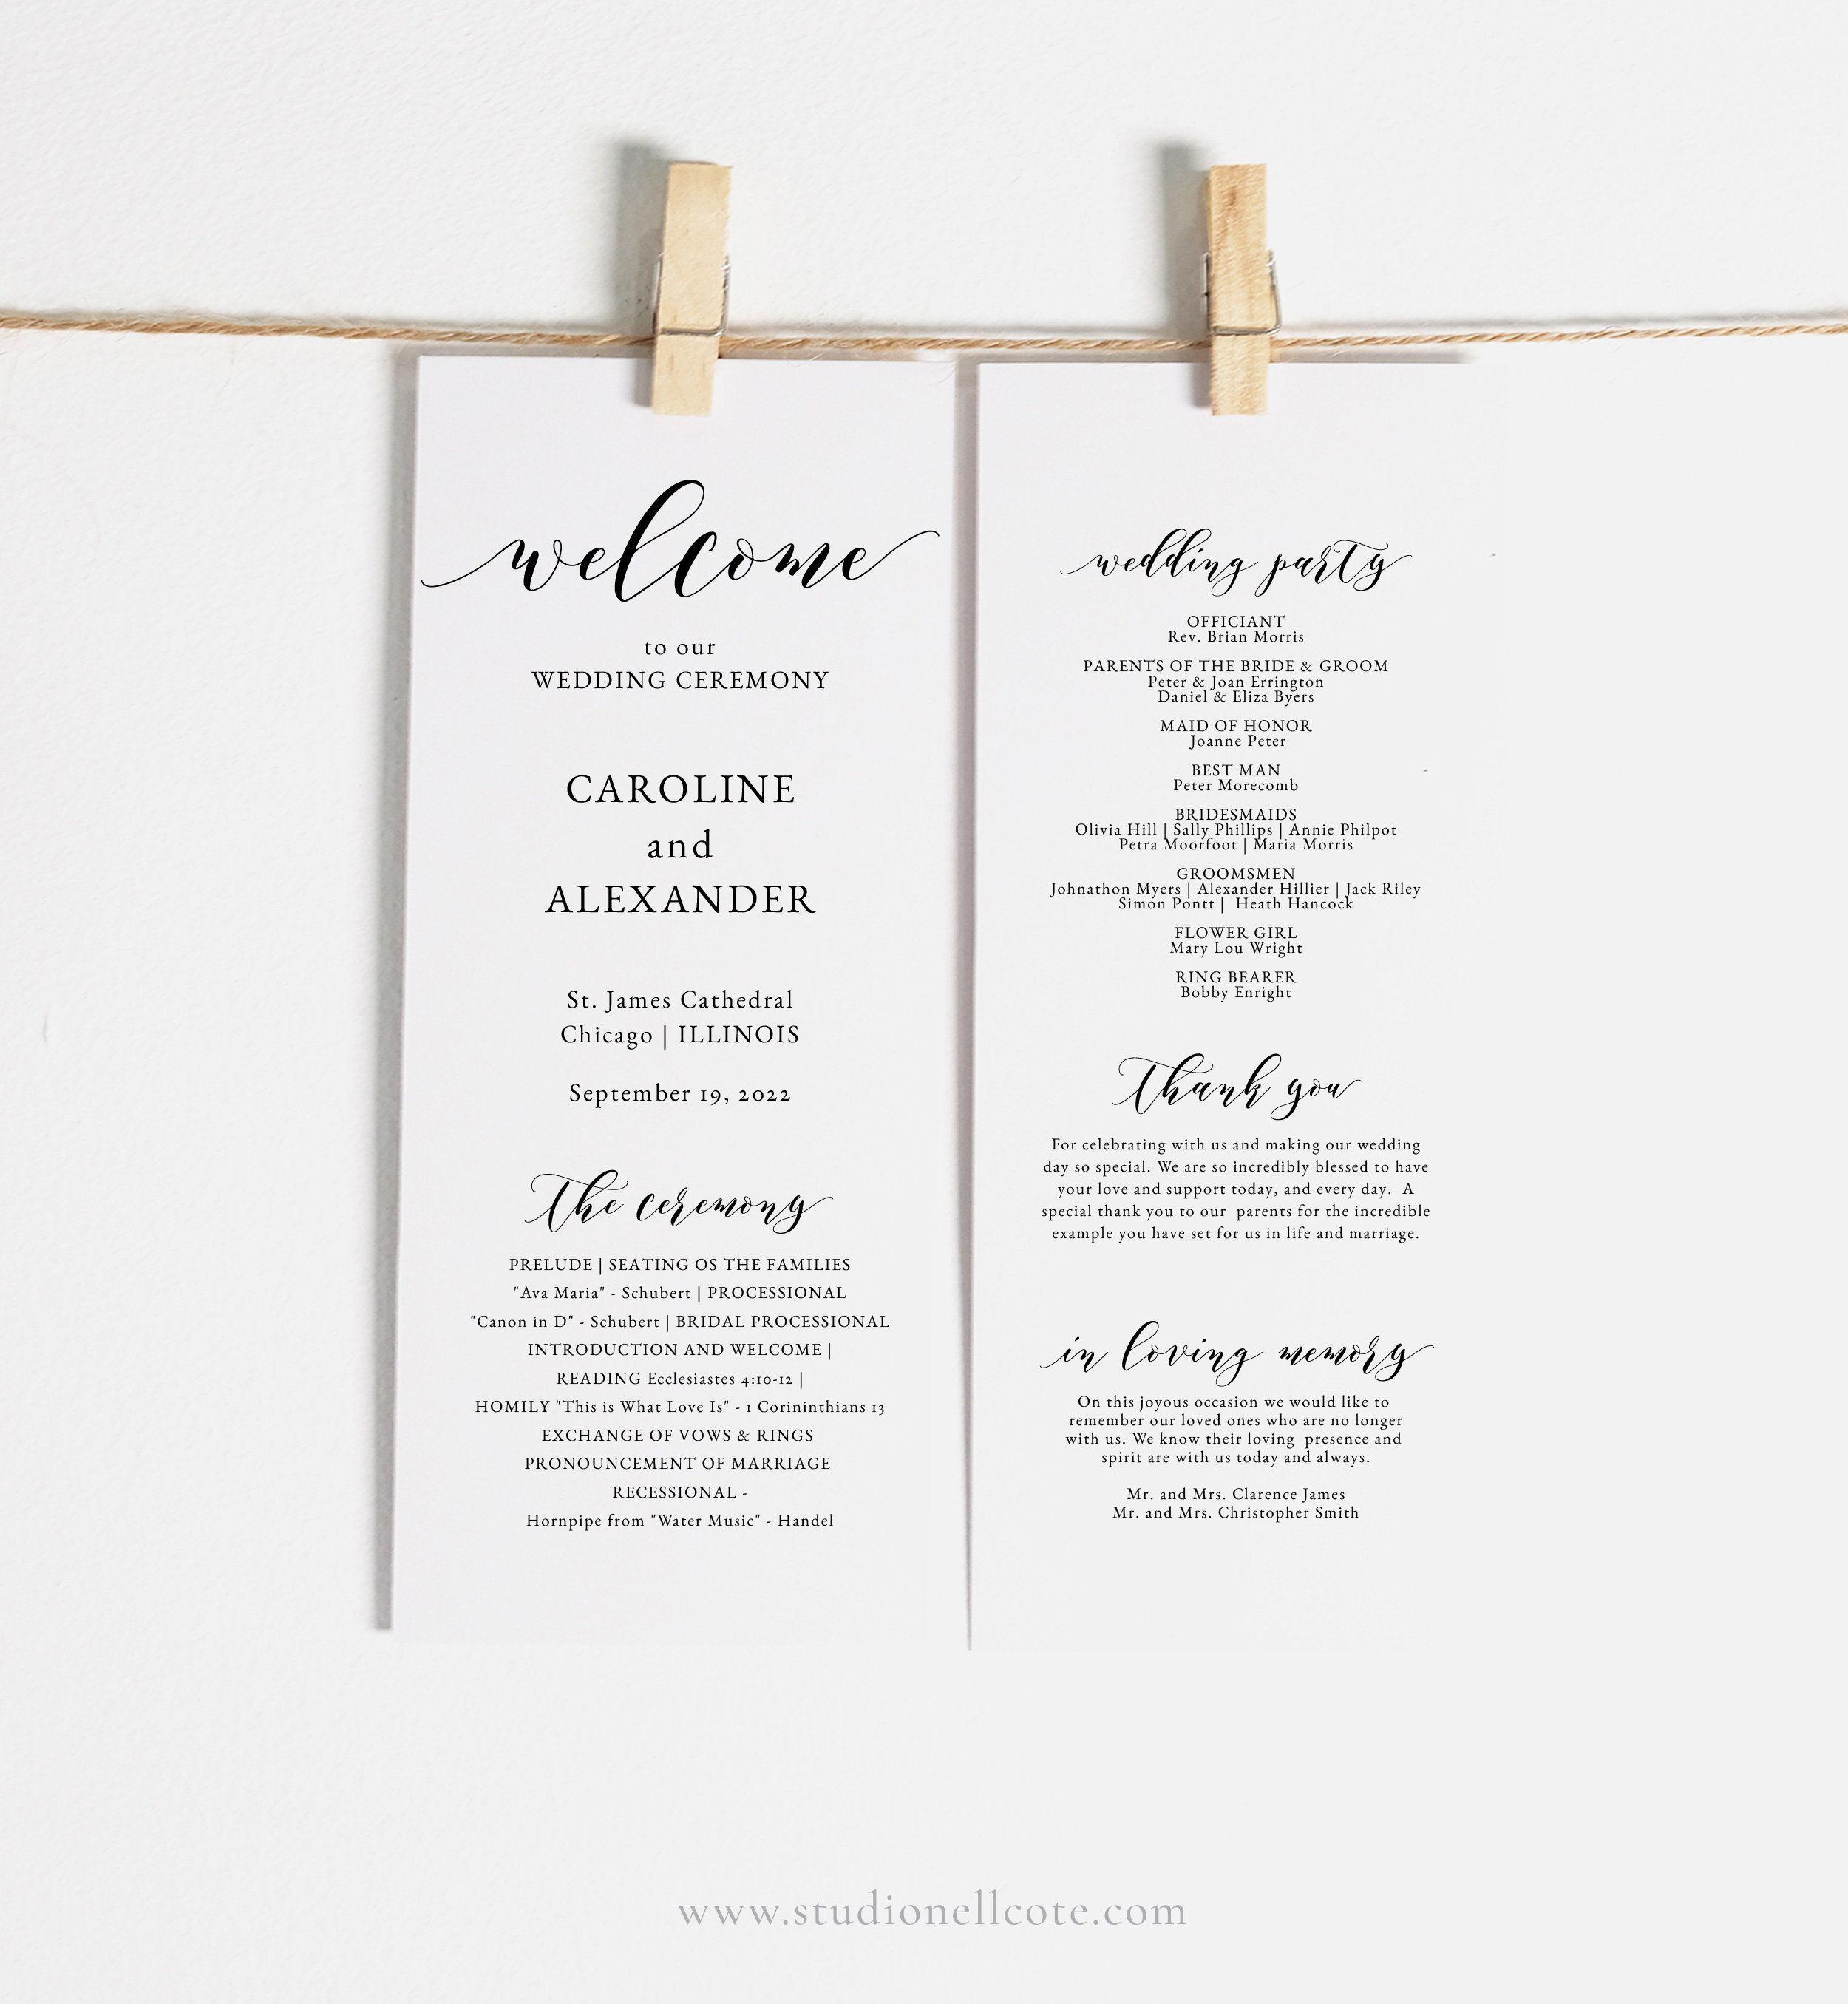 Elegant Wedding Program Template Ceremony Program Diy Program Studio Nellcote Diy Sn029 P In 2020 Wedding Programs Template Wedding Programs Elegant Wedding Programs